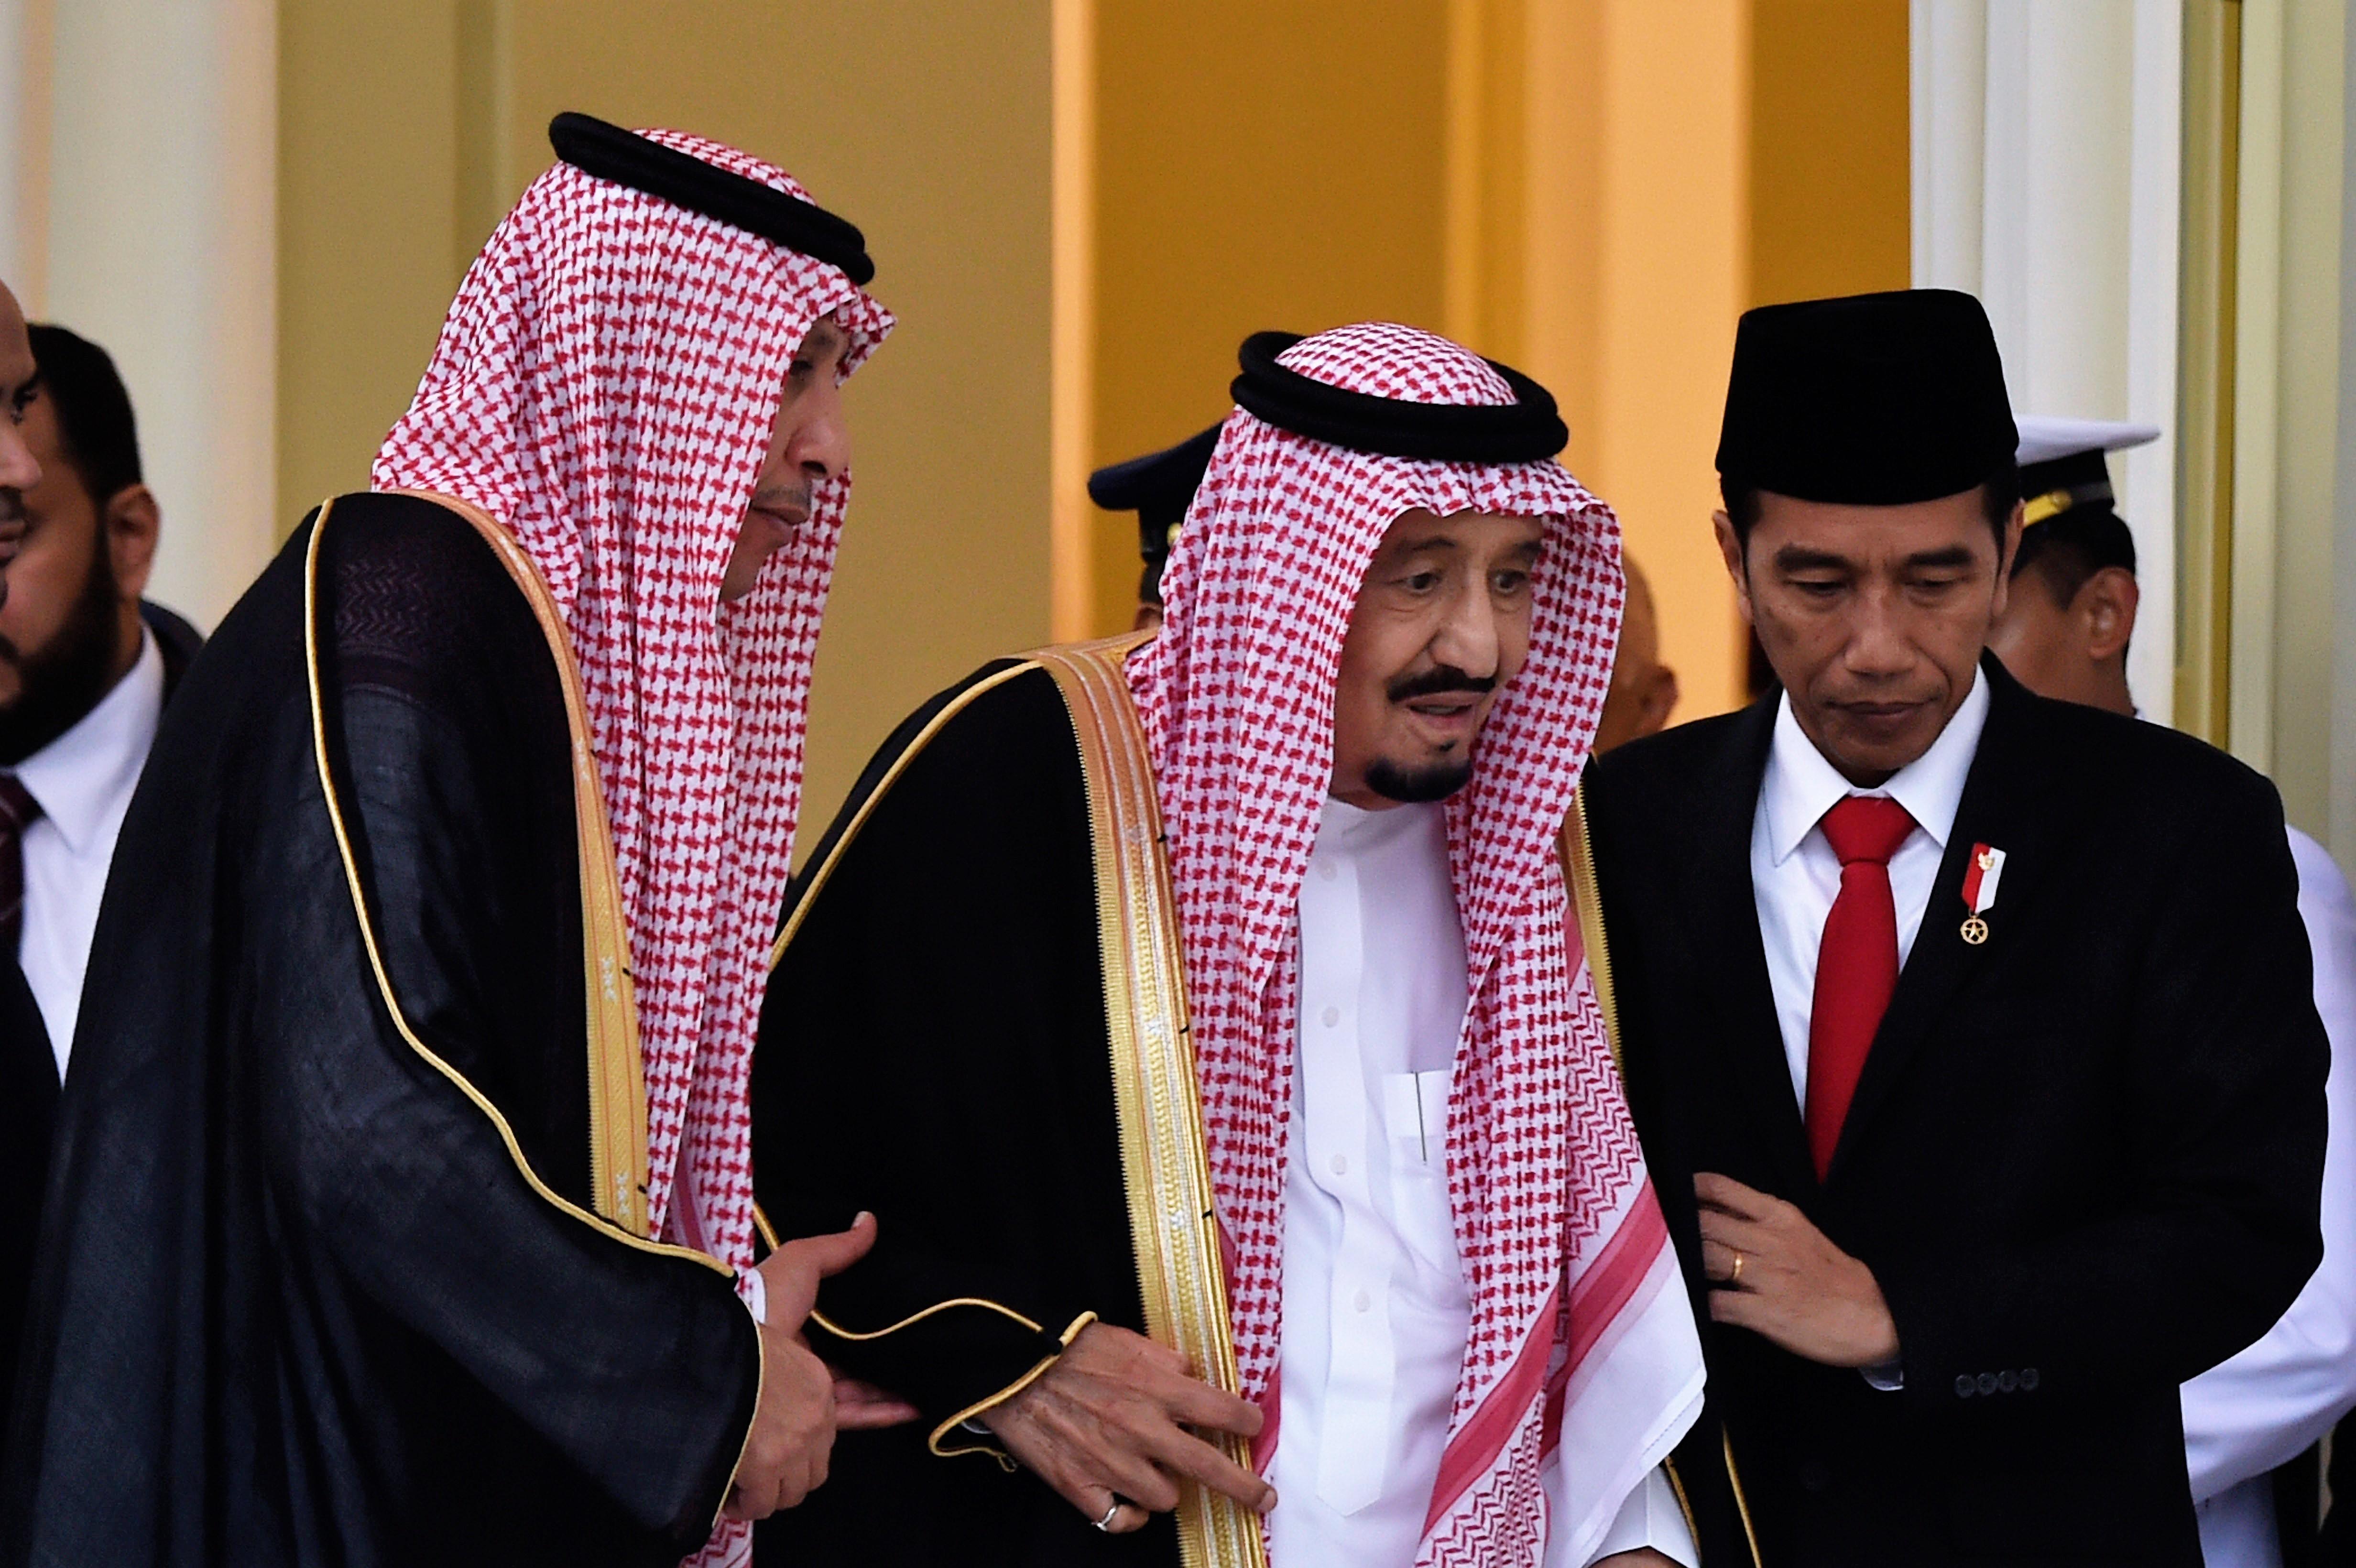 Liburan ke Maroko, Raja Salman Habiskan Duit Rp 1,3 Triliun